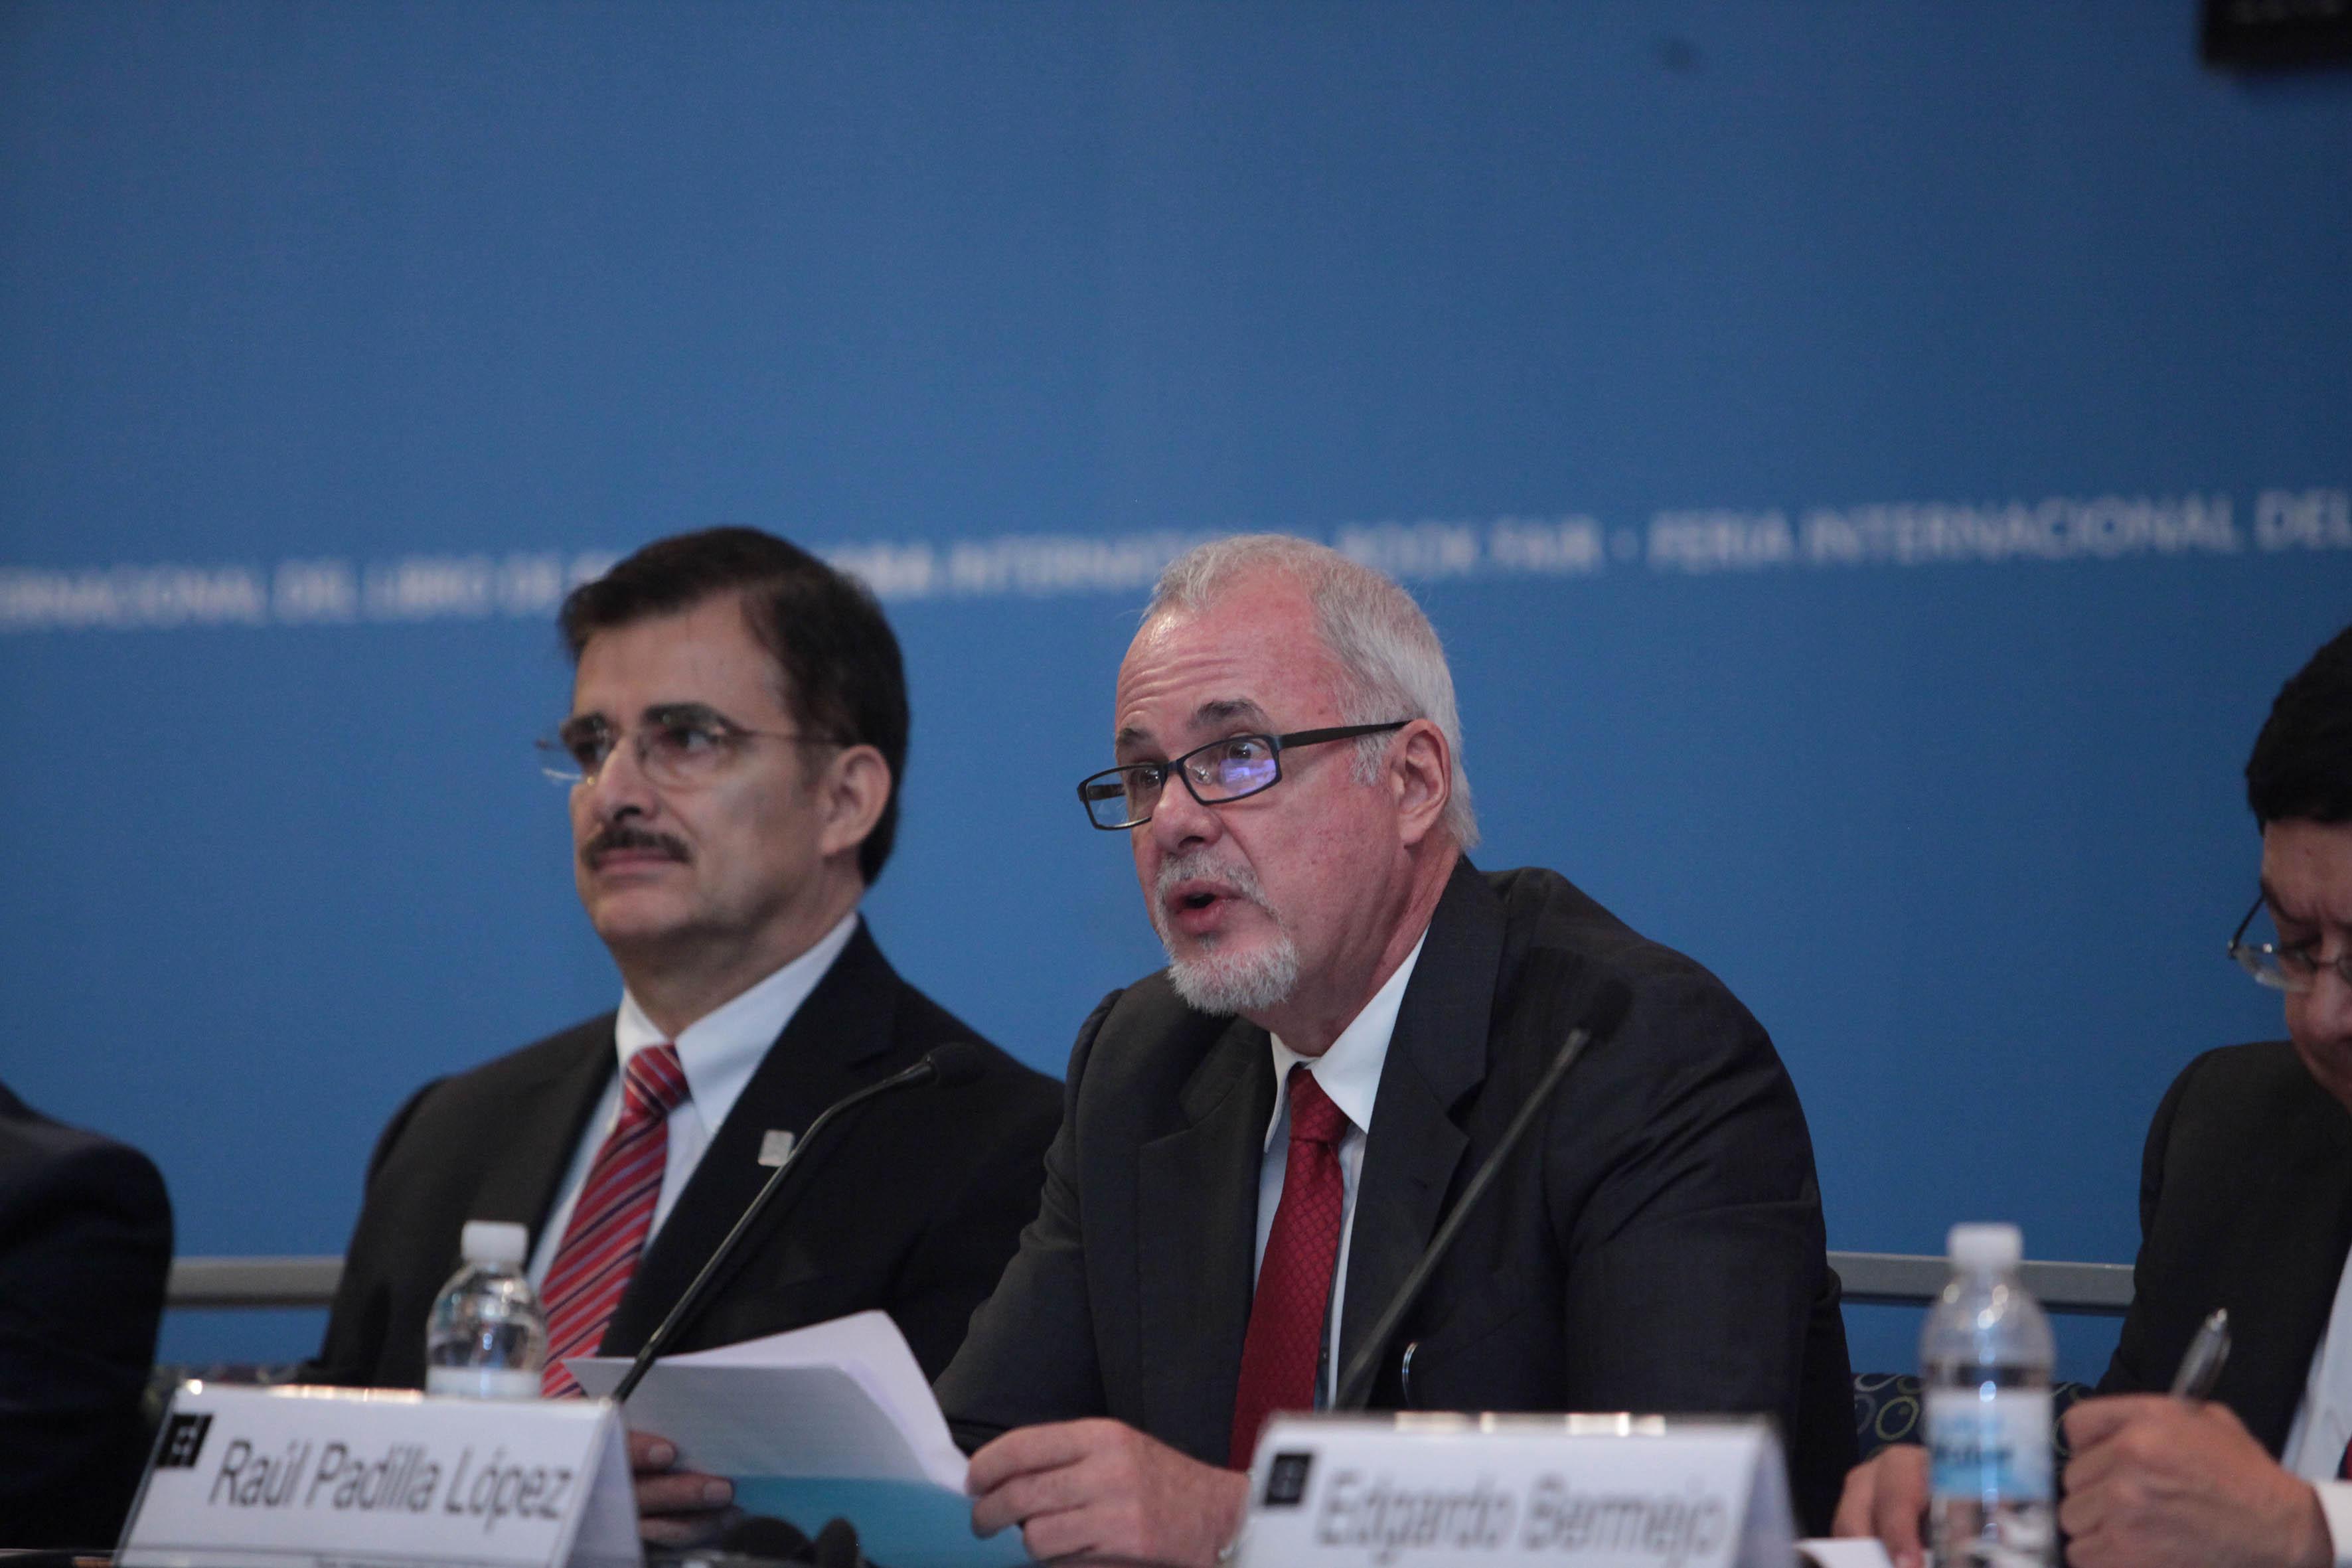 El presidente del Comité Organizador de la FIL, Raúl Padilla López